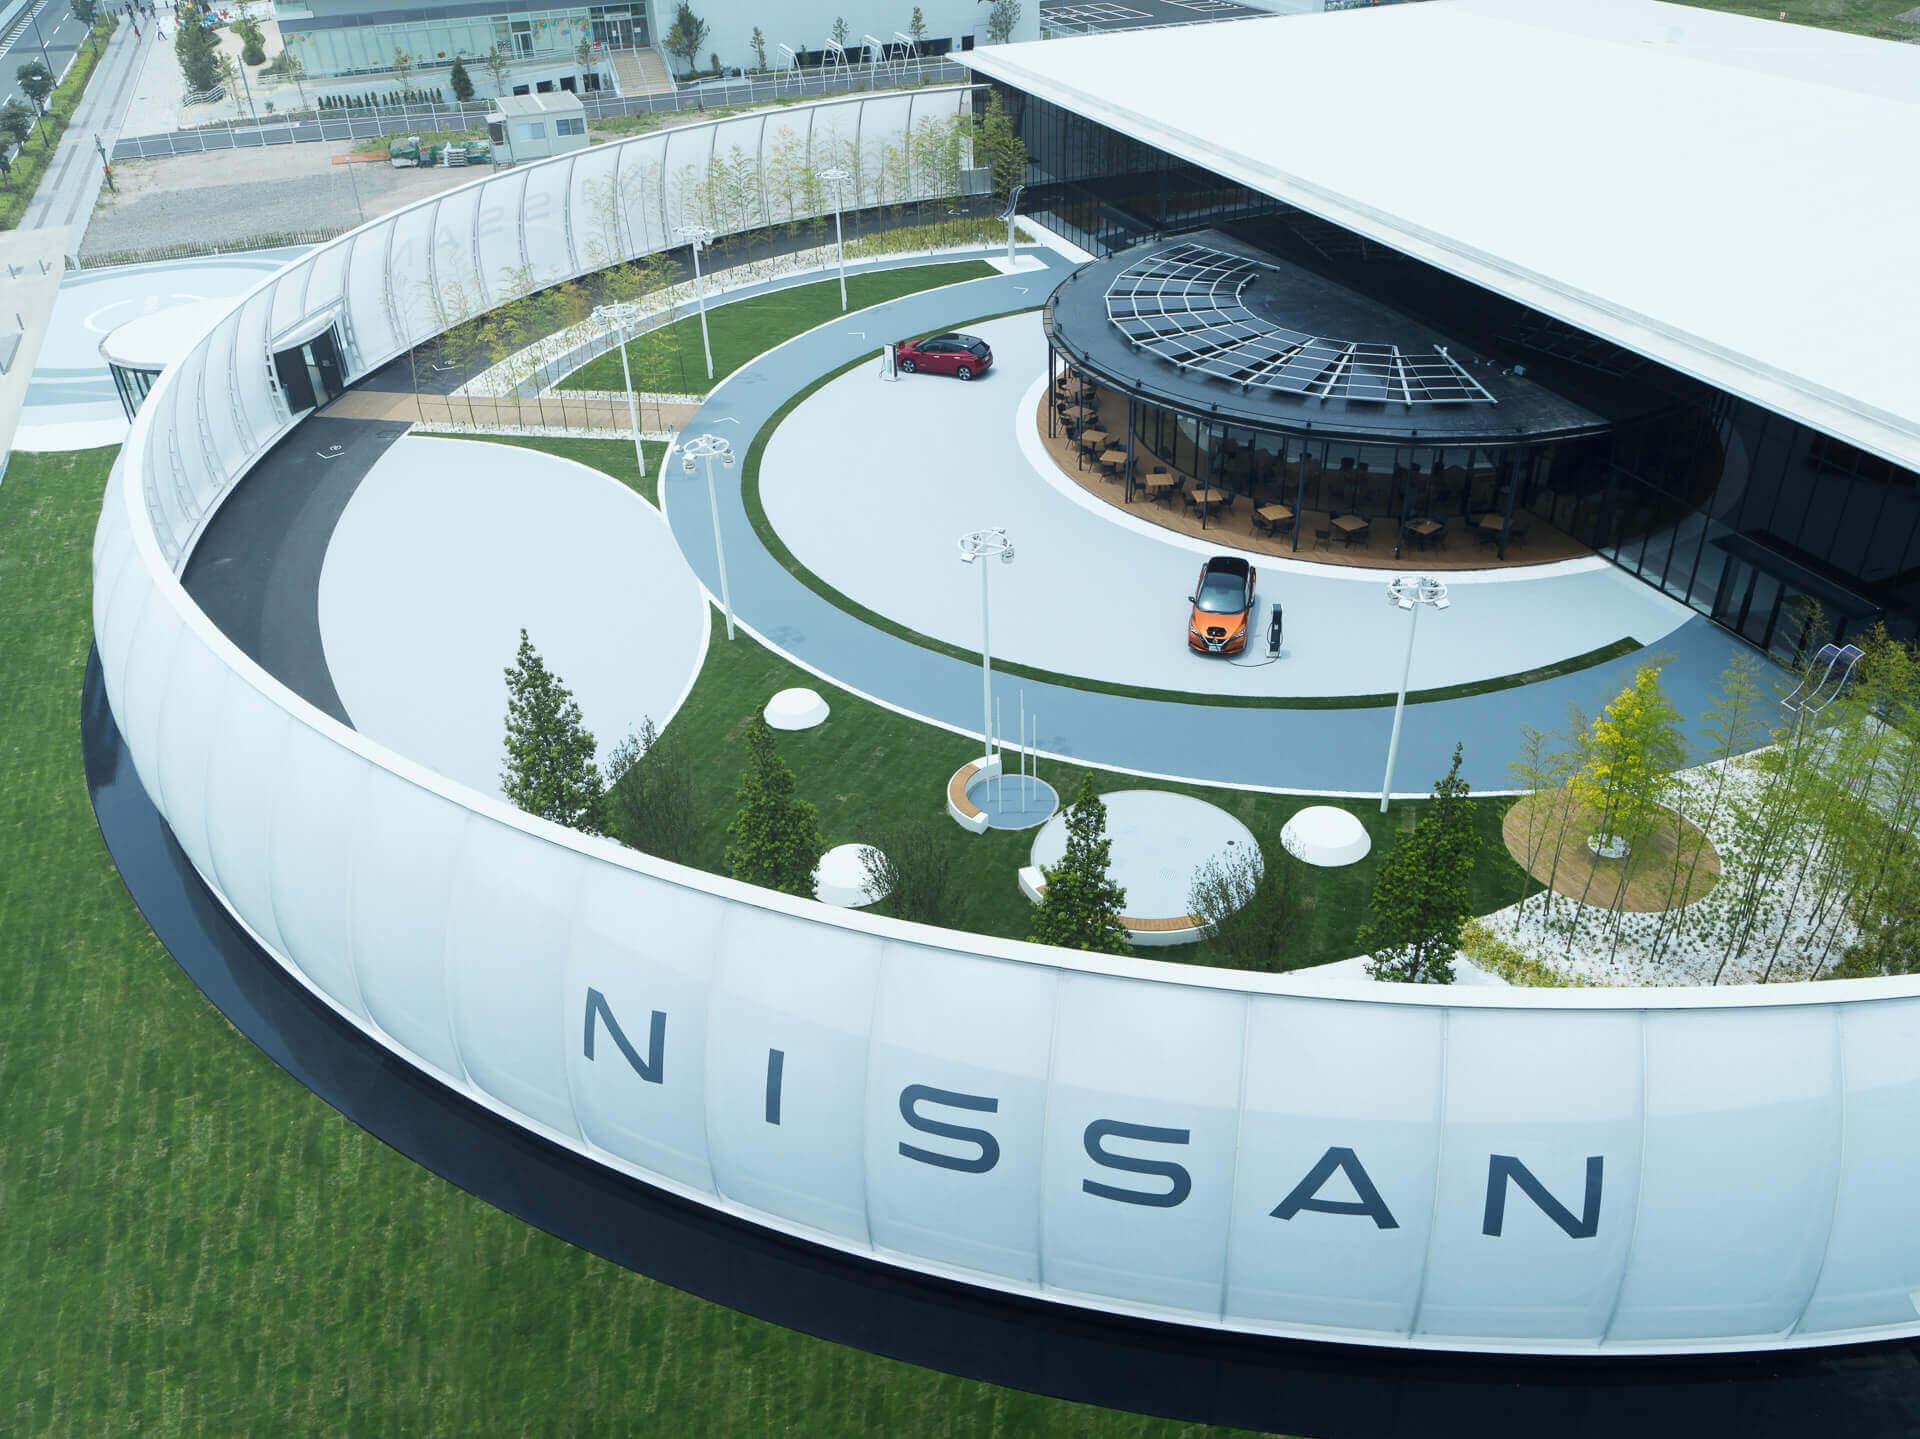 Nissan принимает электричество в качестве оплаты за парковку возле выставочного центра компании в Йокогаме, Япония